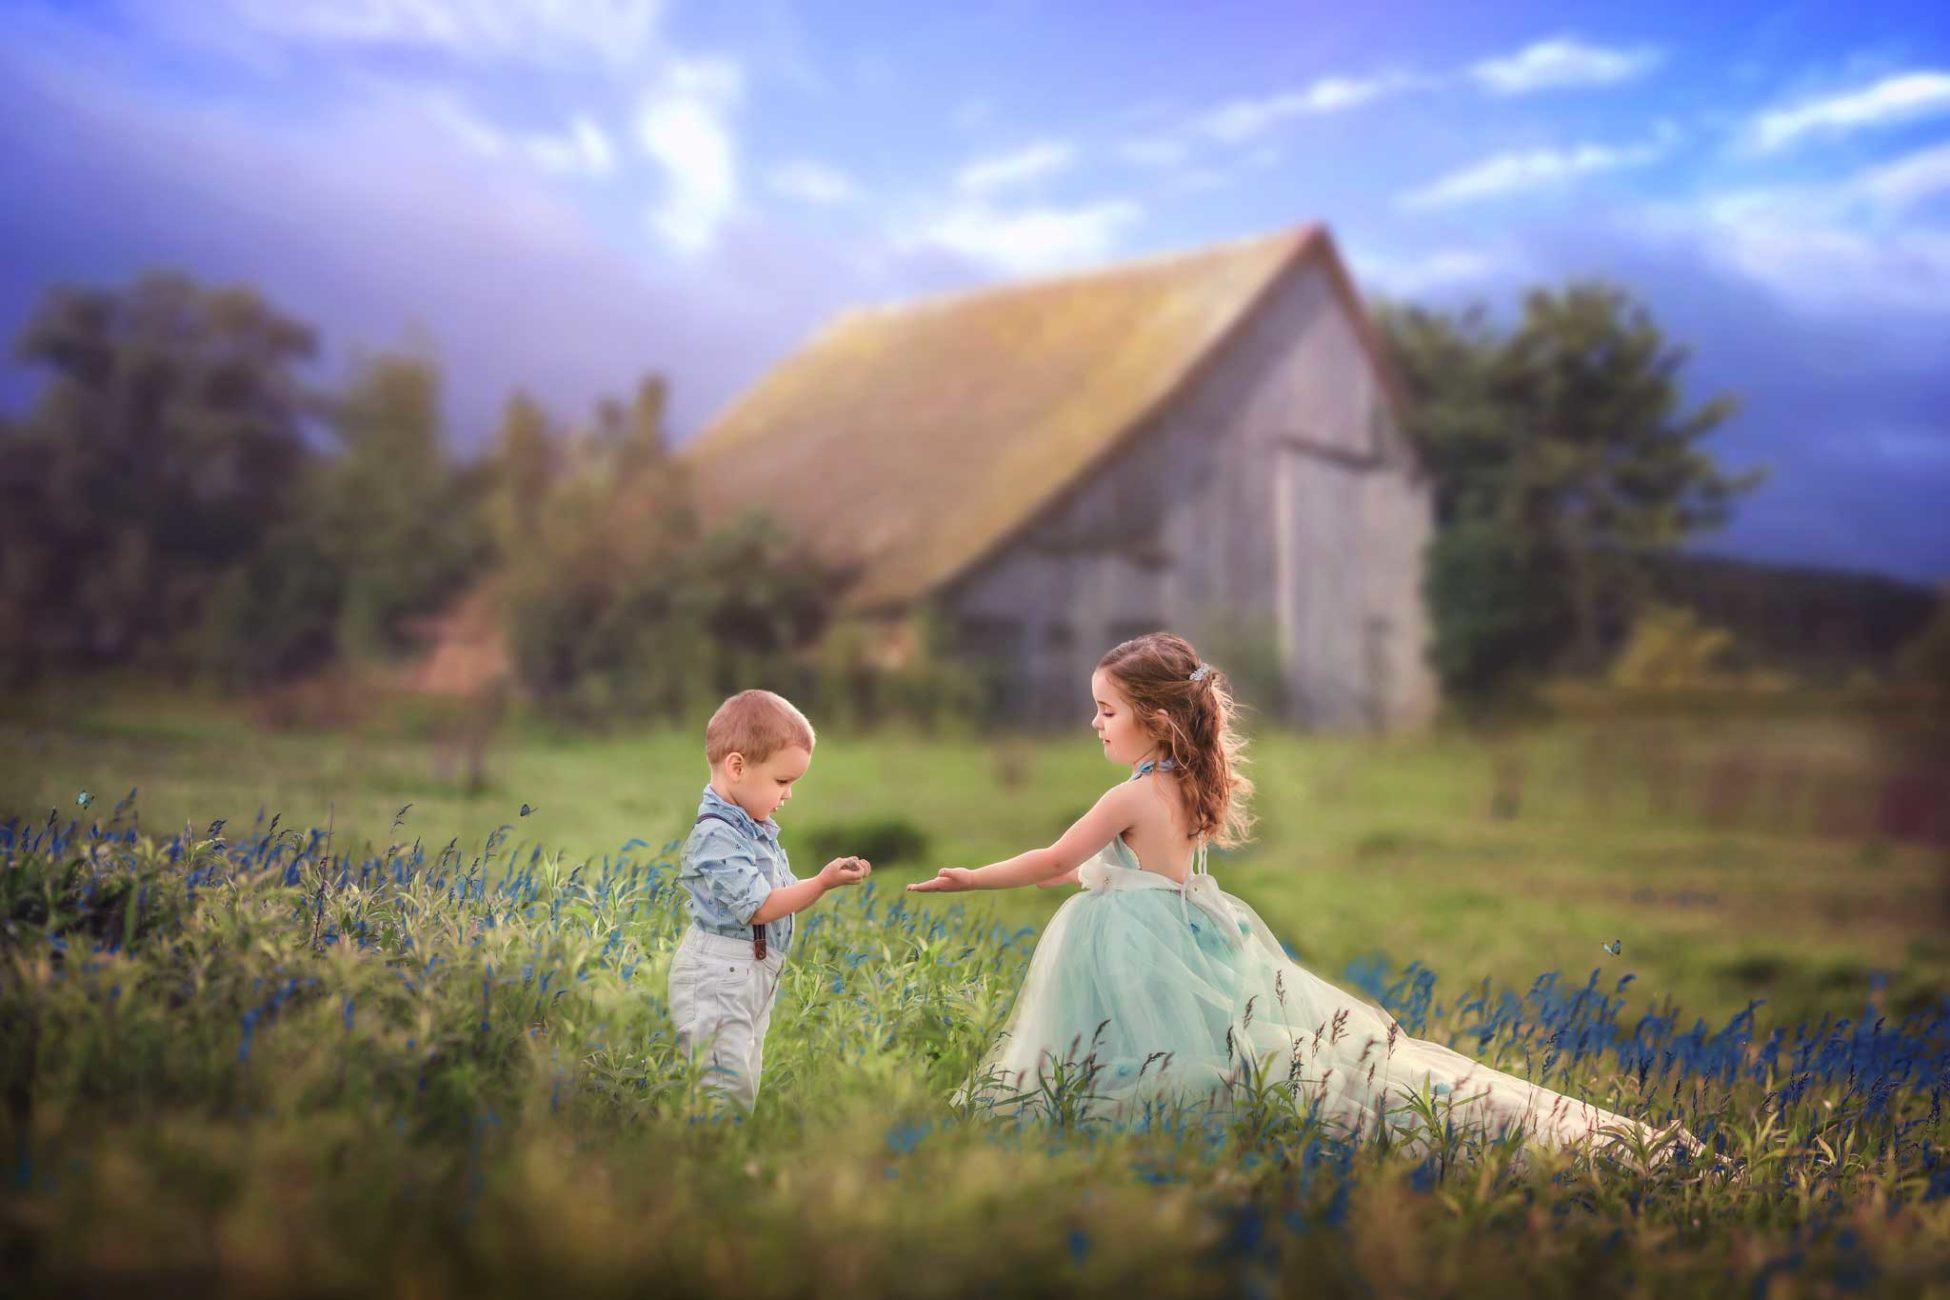 Mount Vernon IA children's photographer